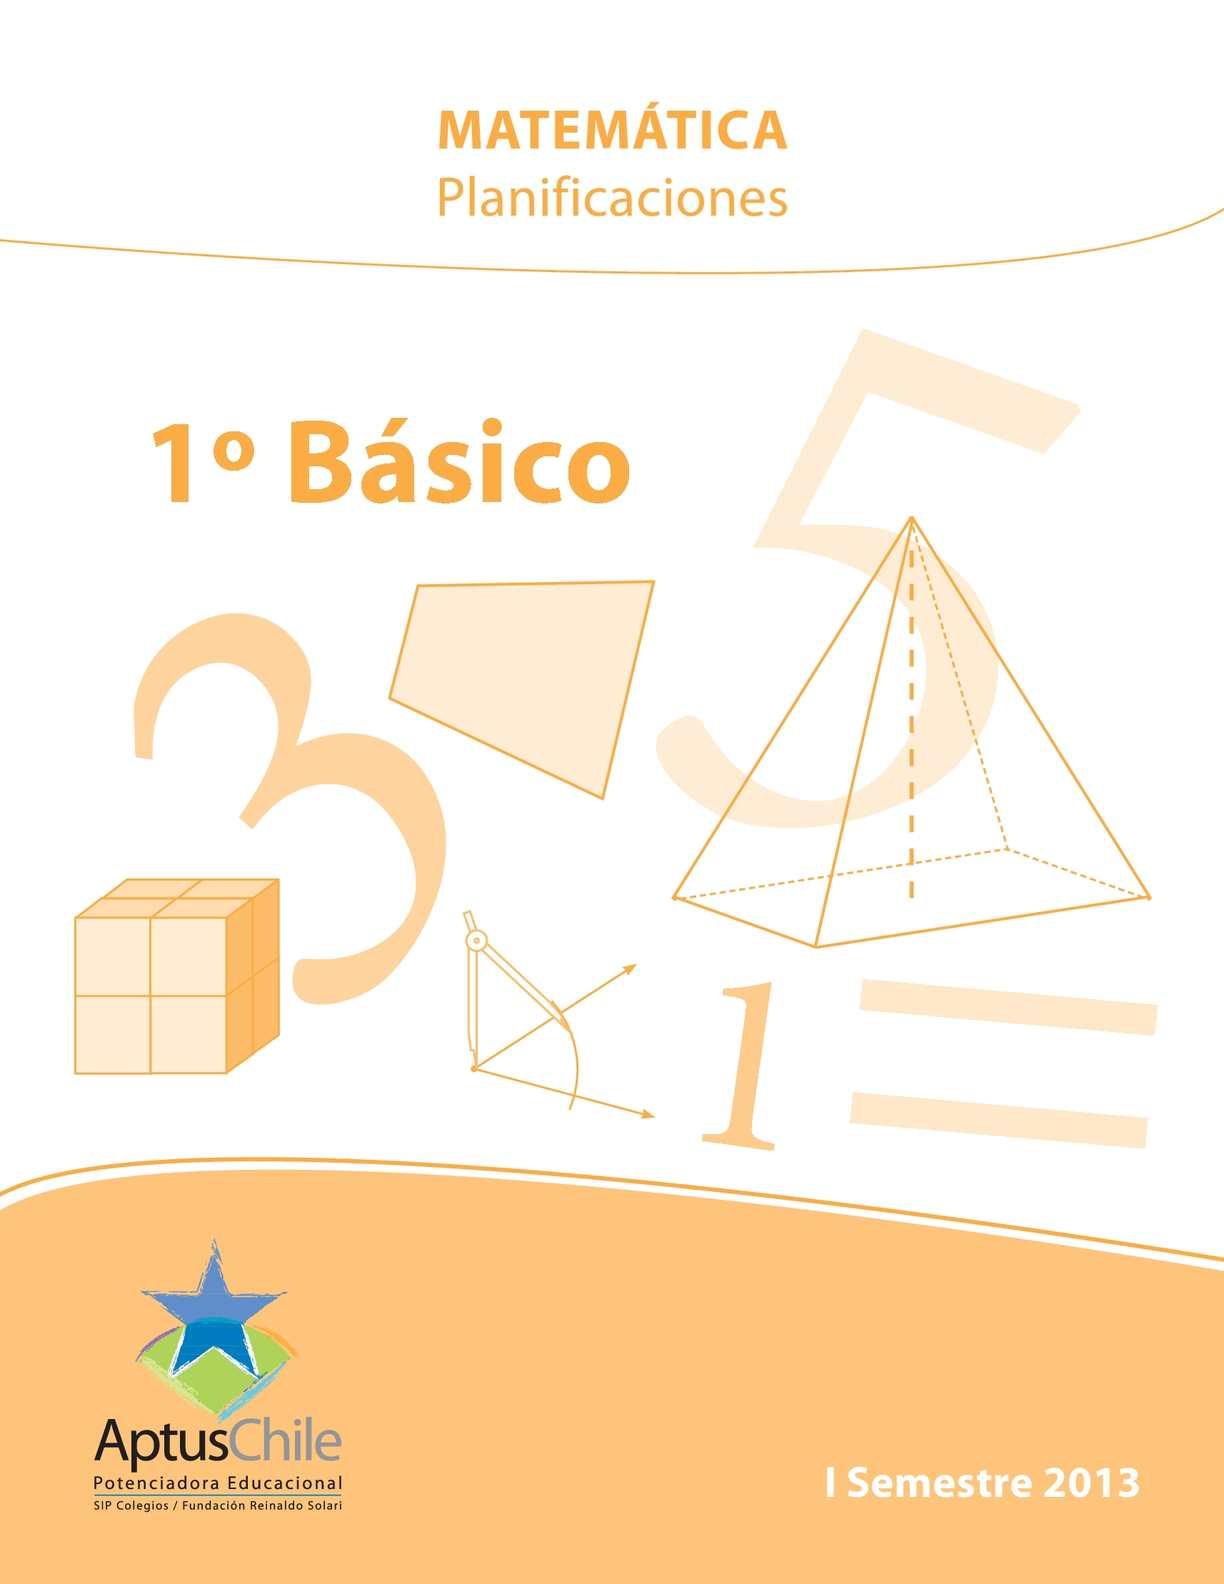 1 Basico Matematicas